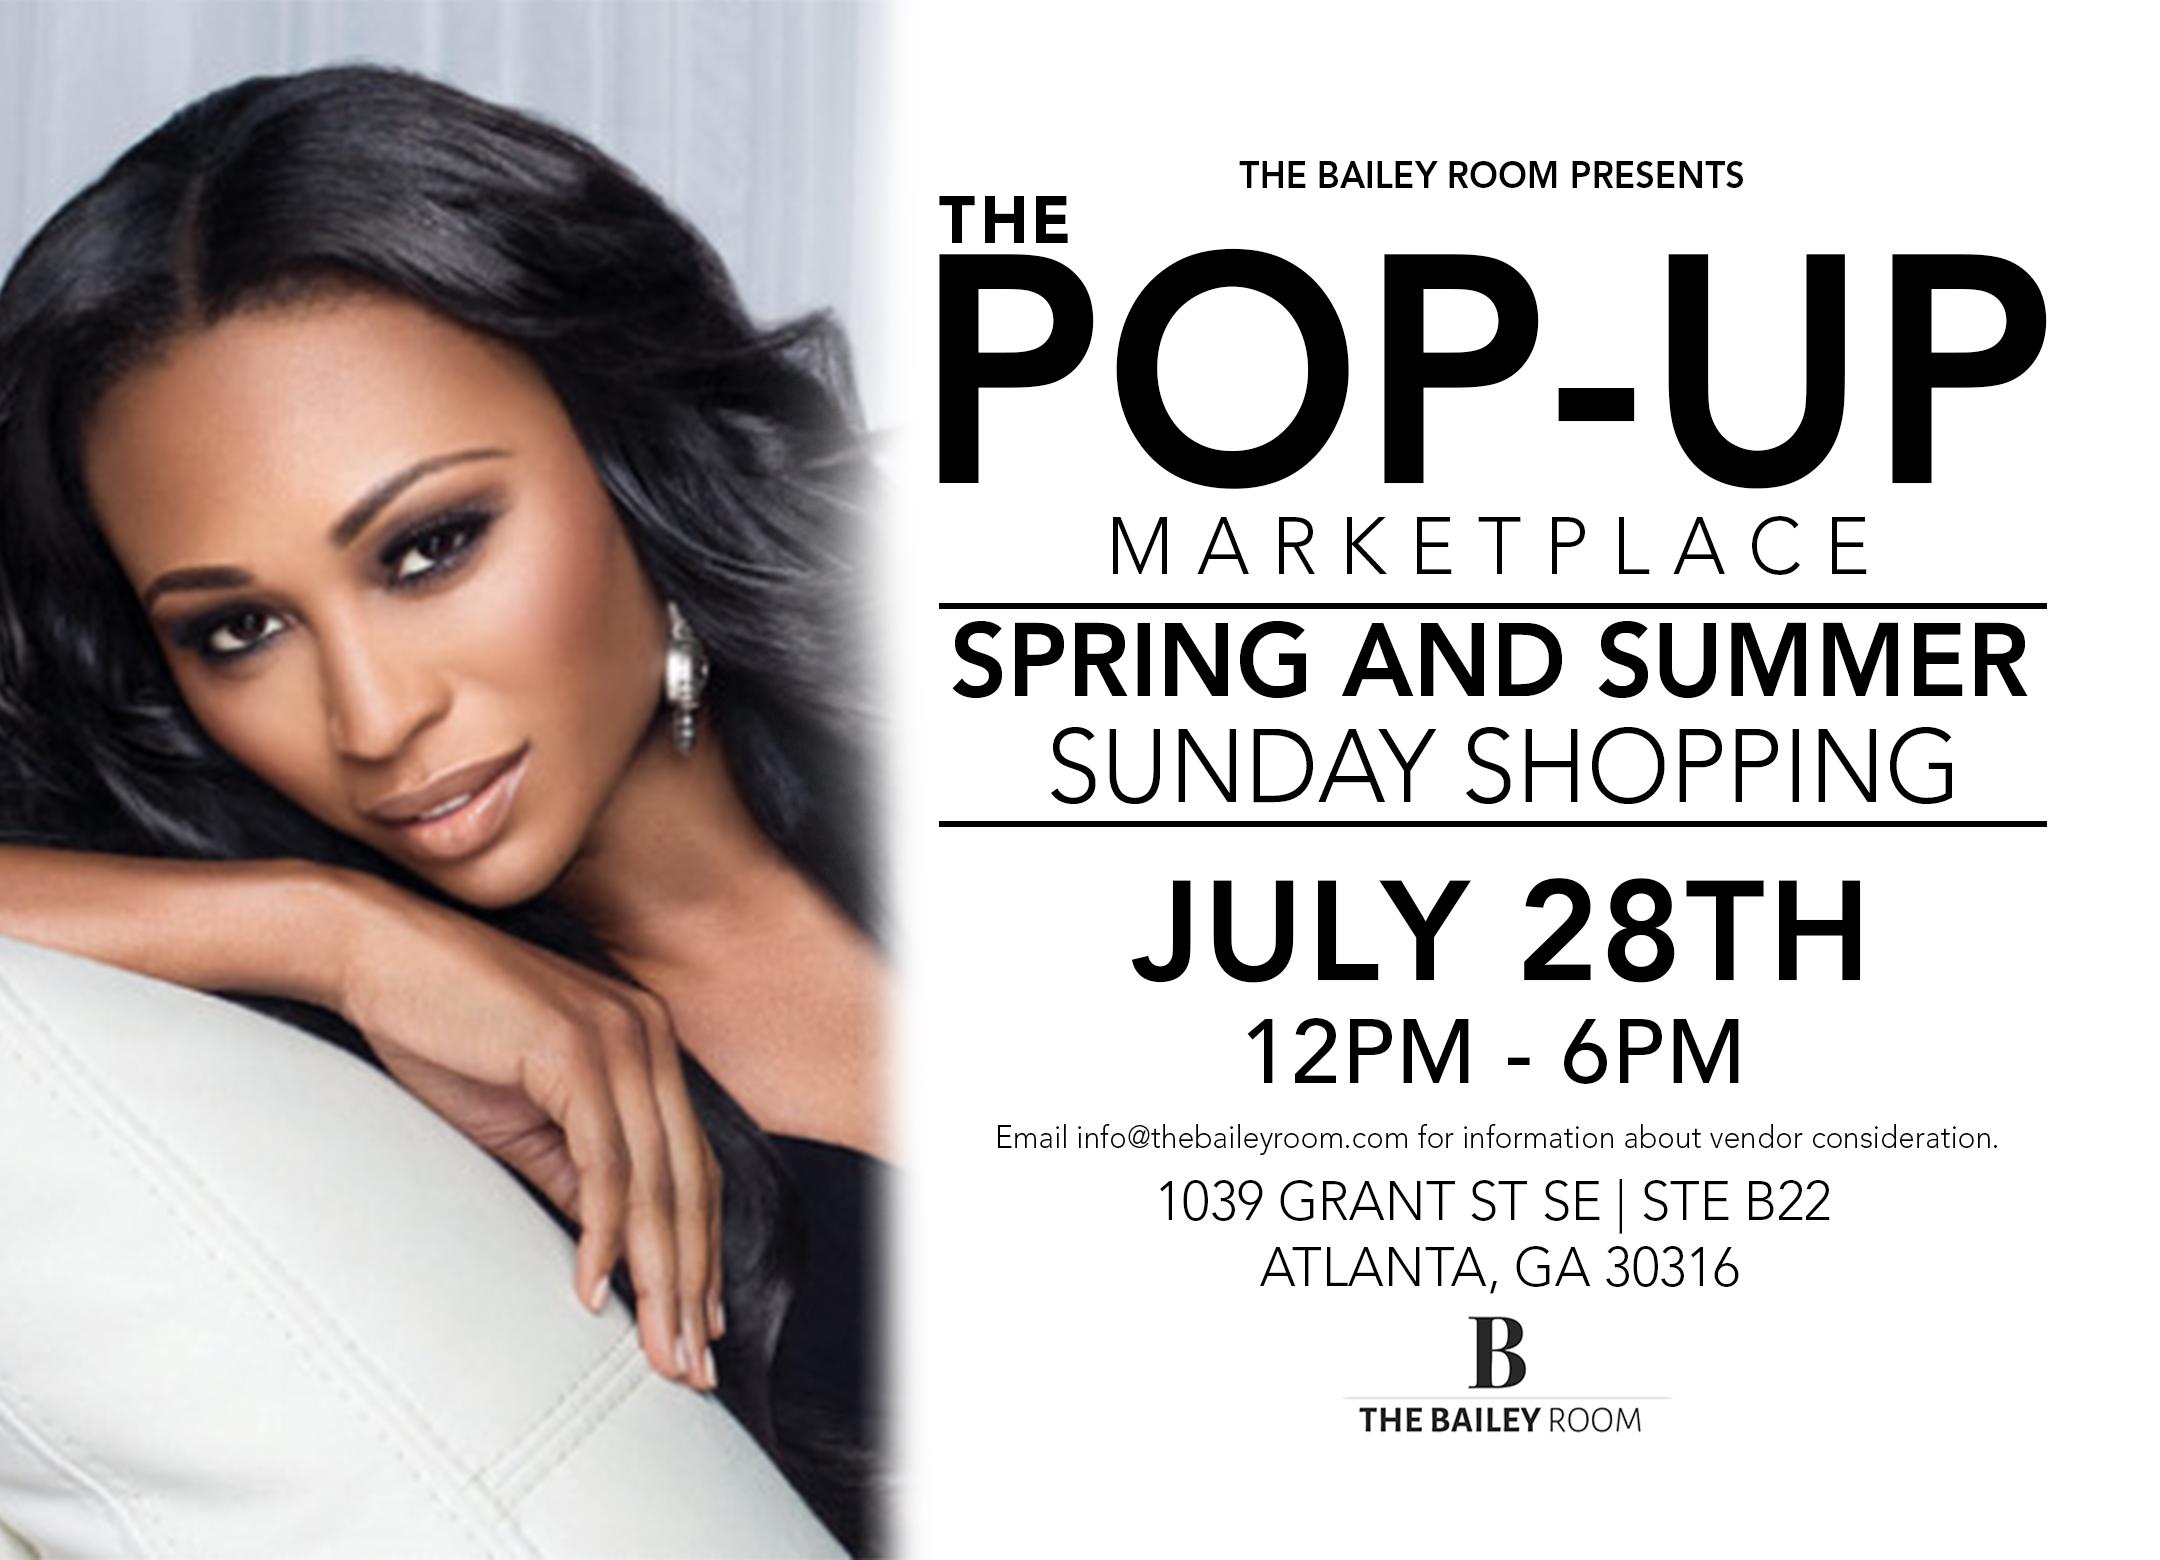 Popup flyer (July 28, 2019).jpg